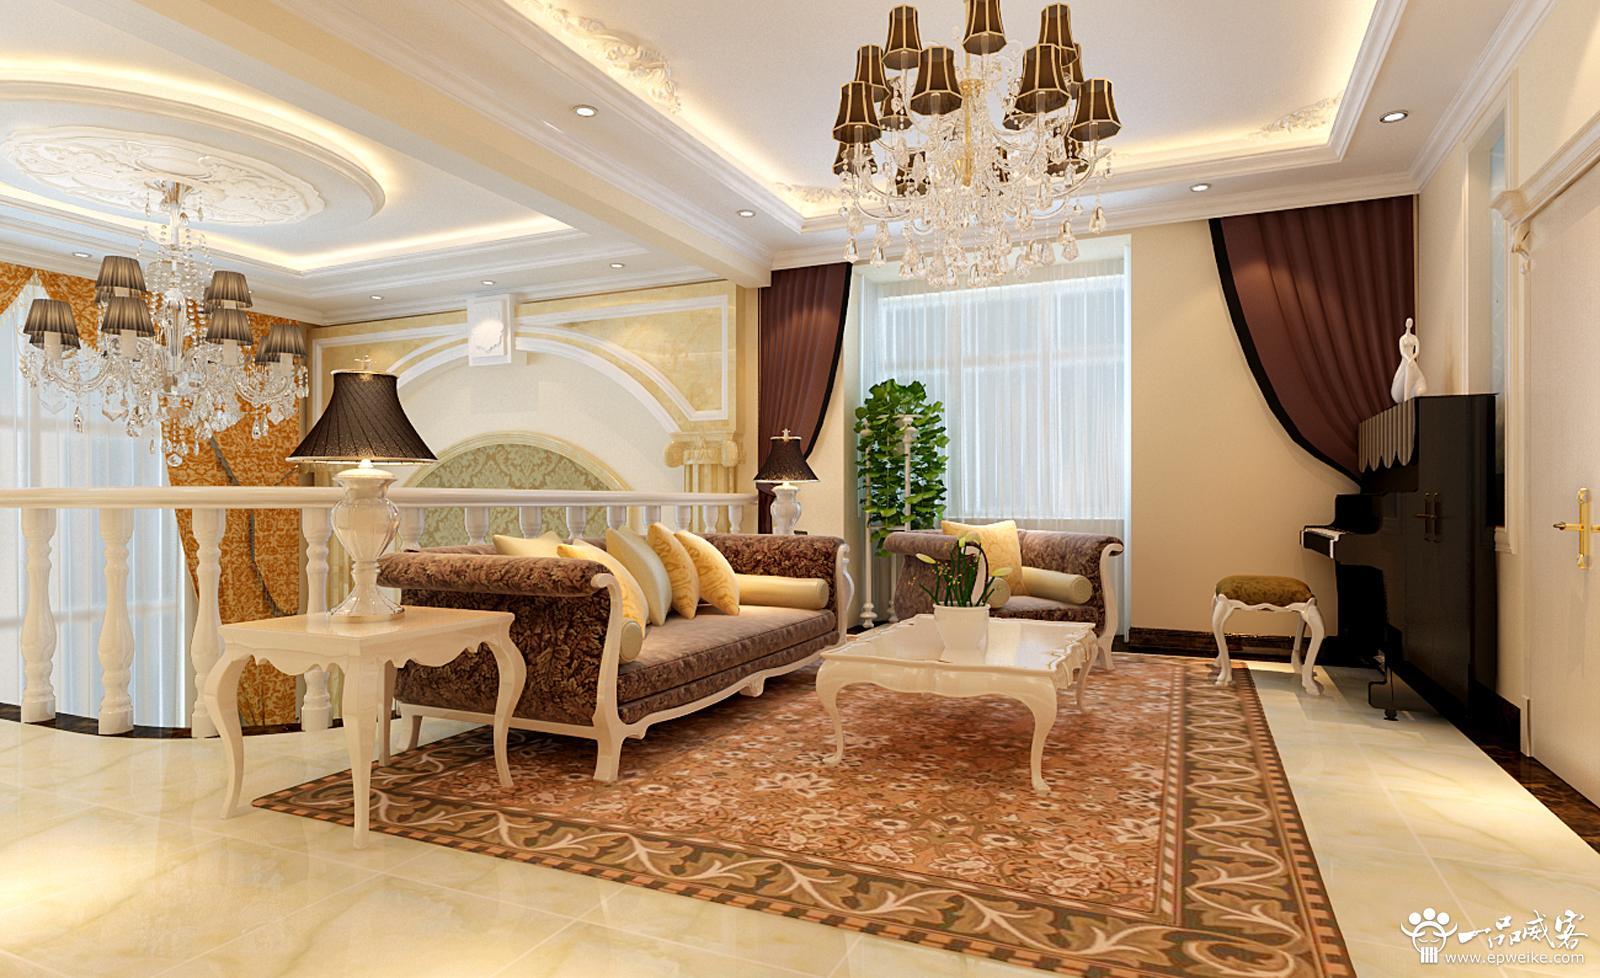 家居装修 别墅设计      欧式装修的风格来源于古希腊和